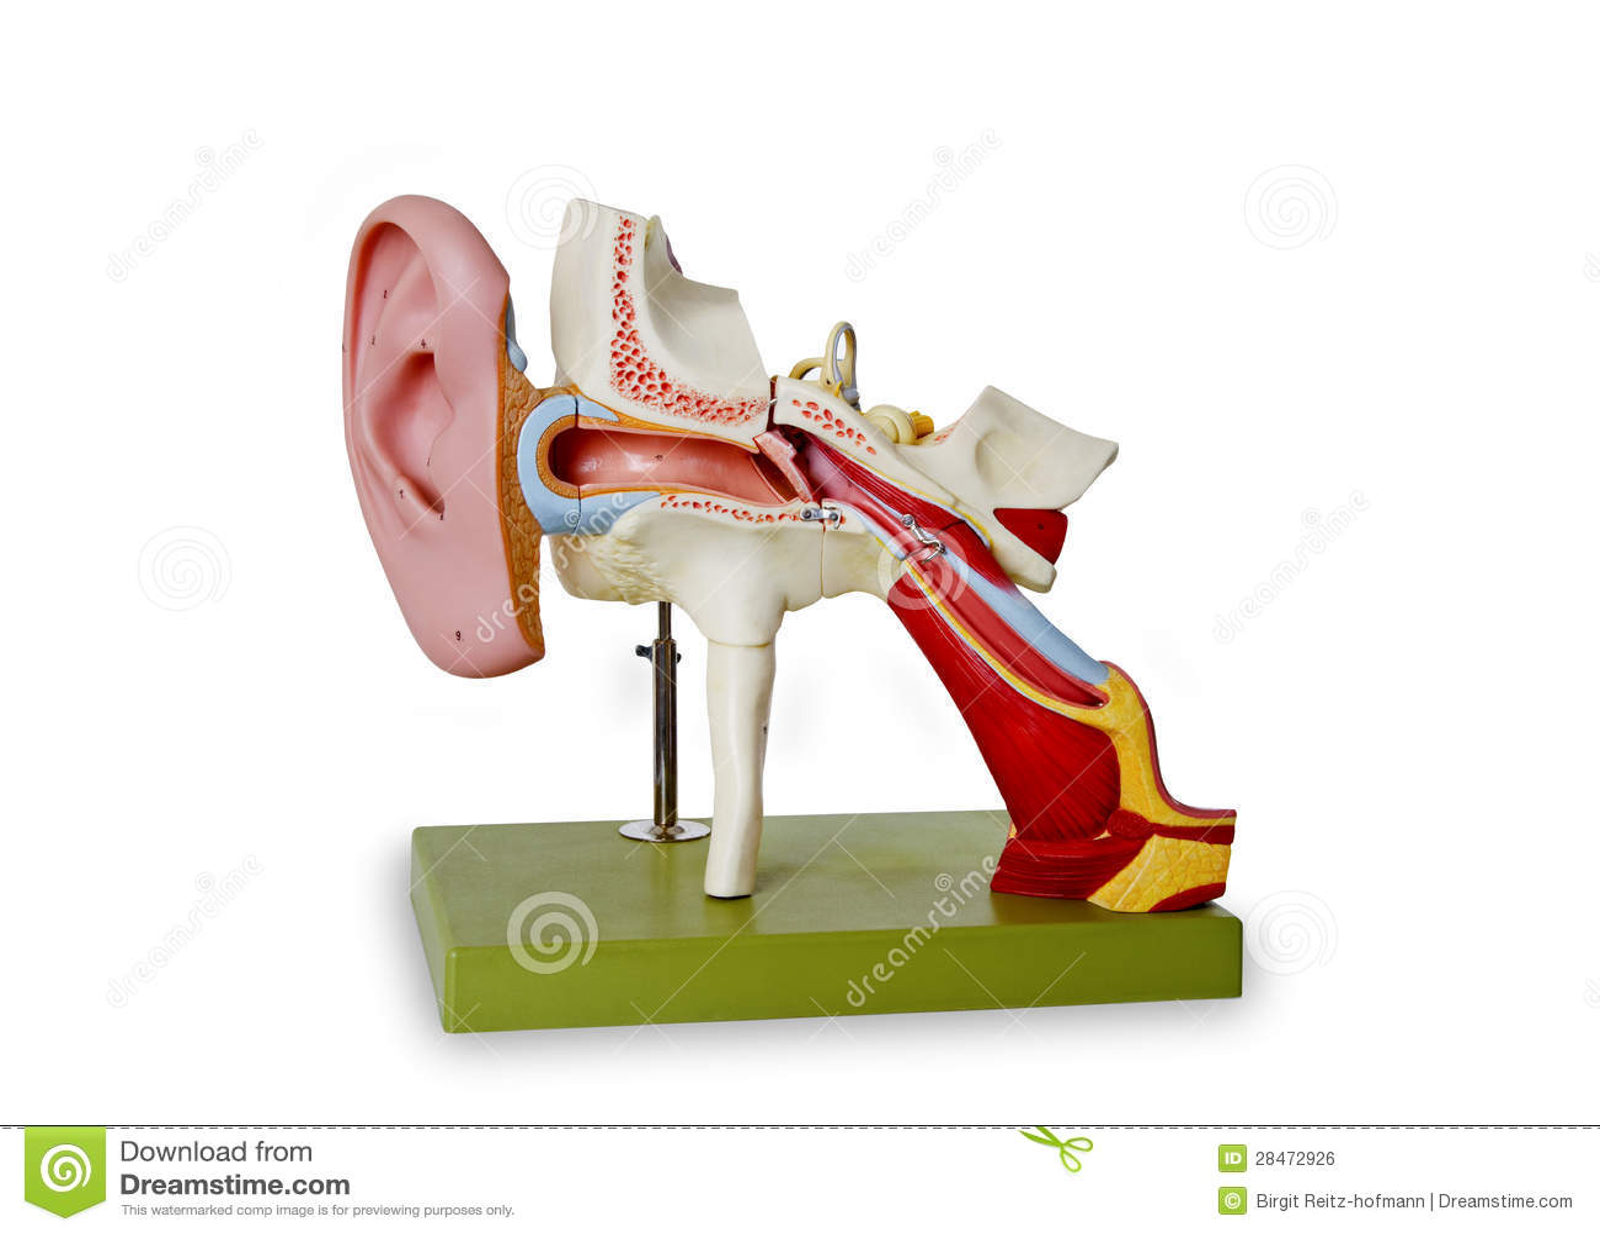 Modelo do canal auditivo